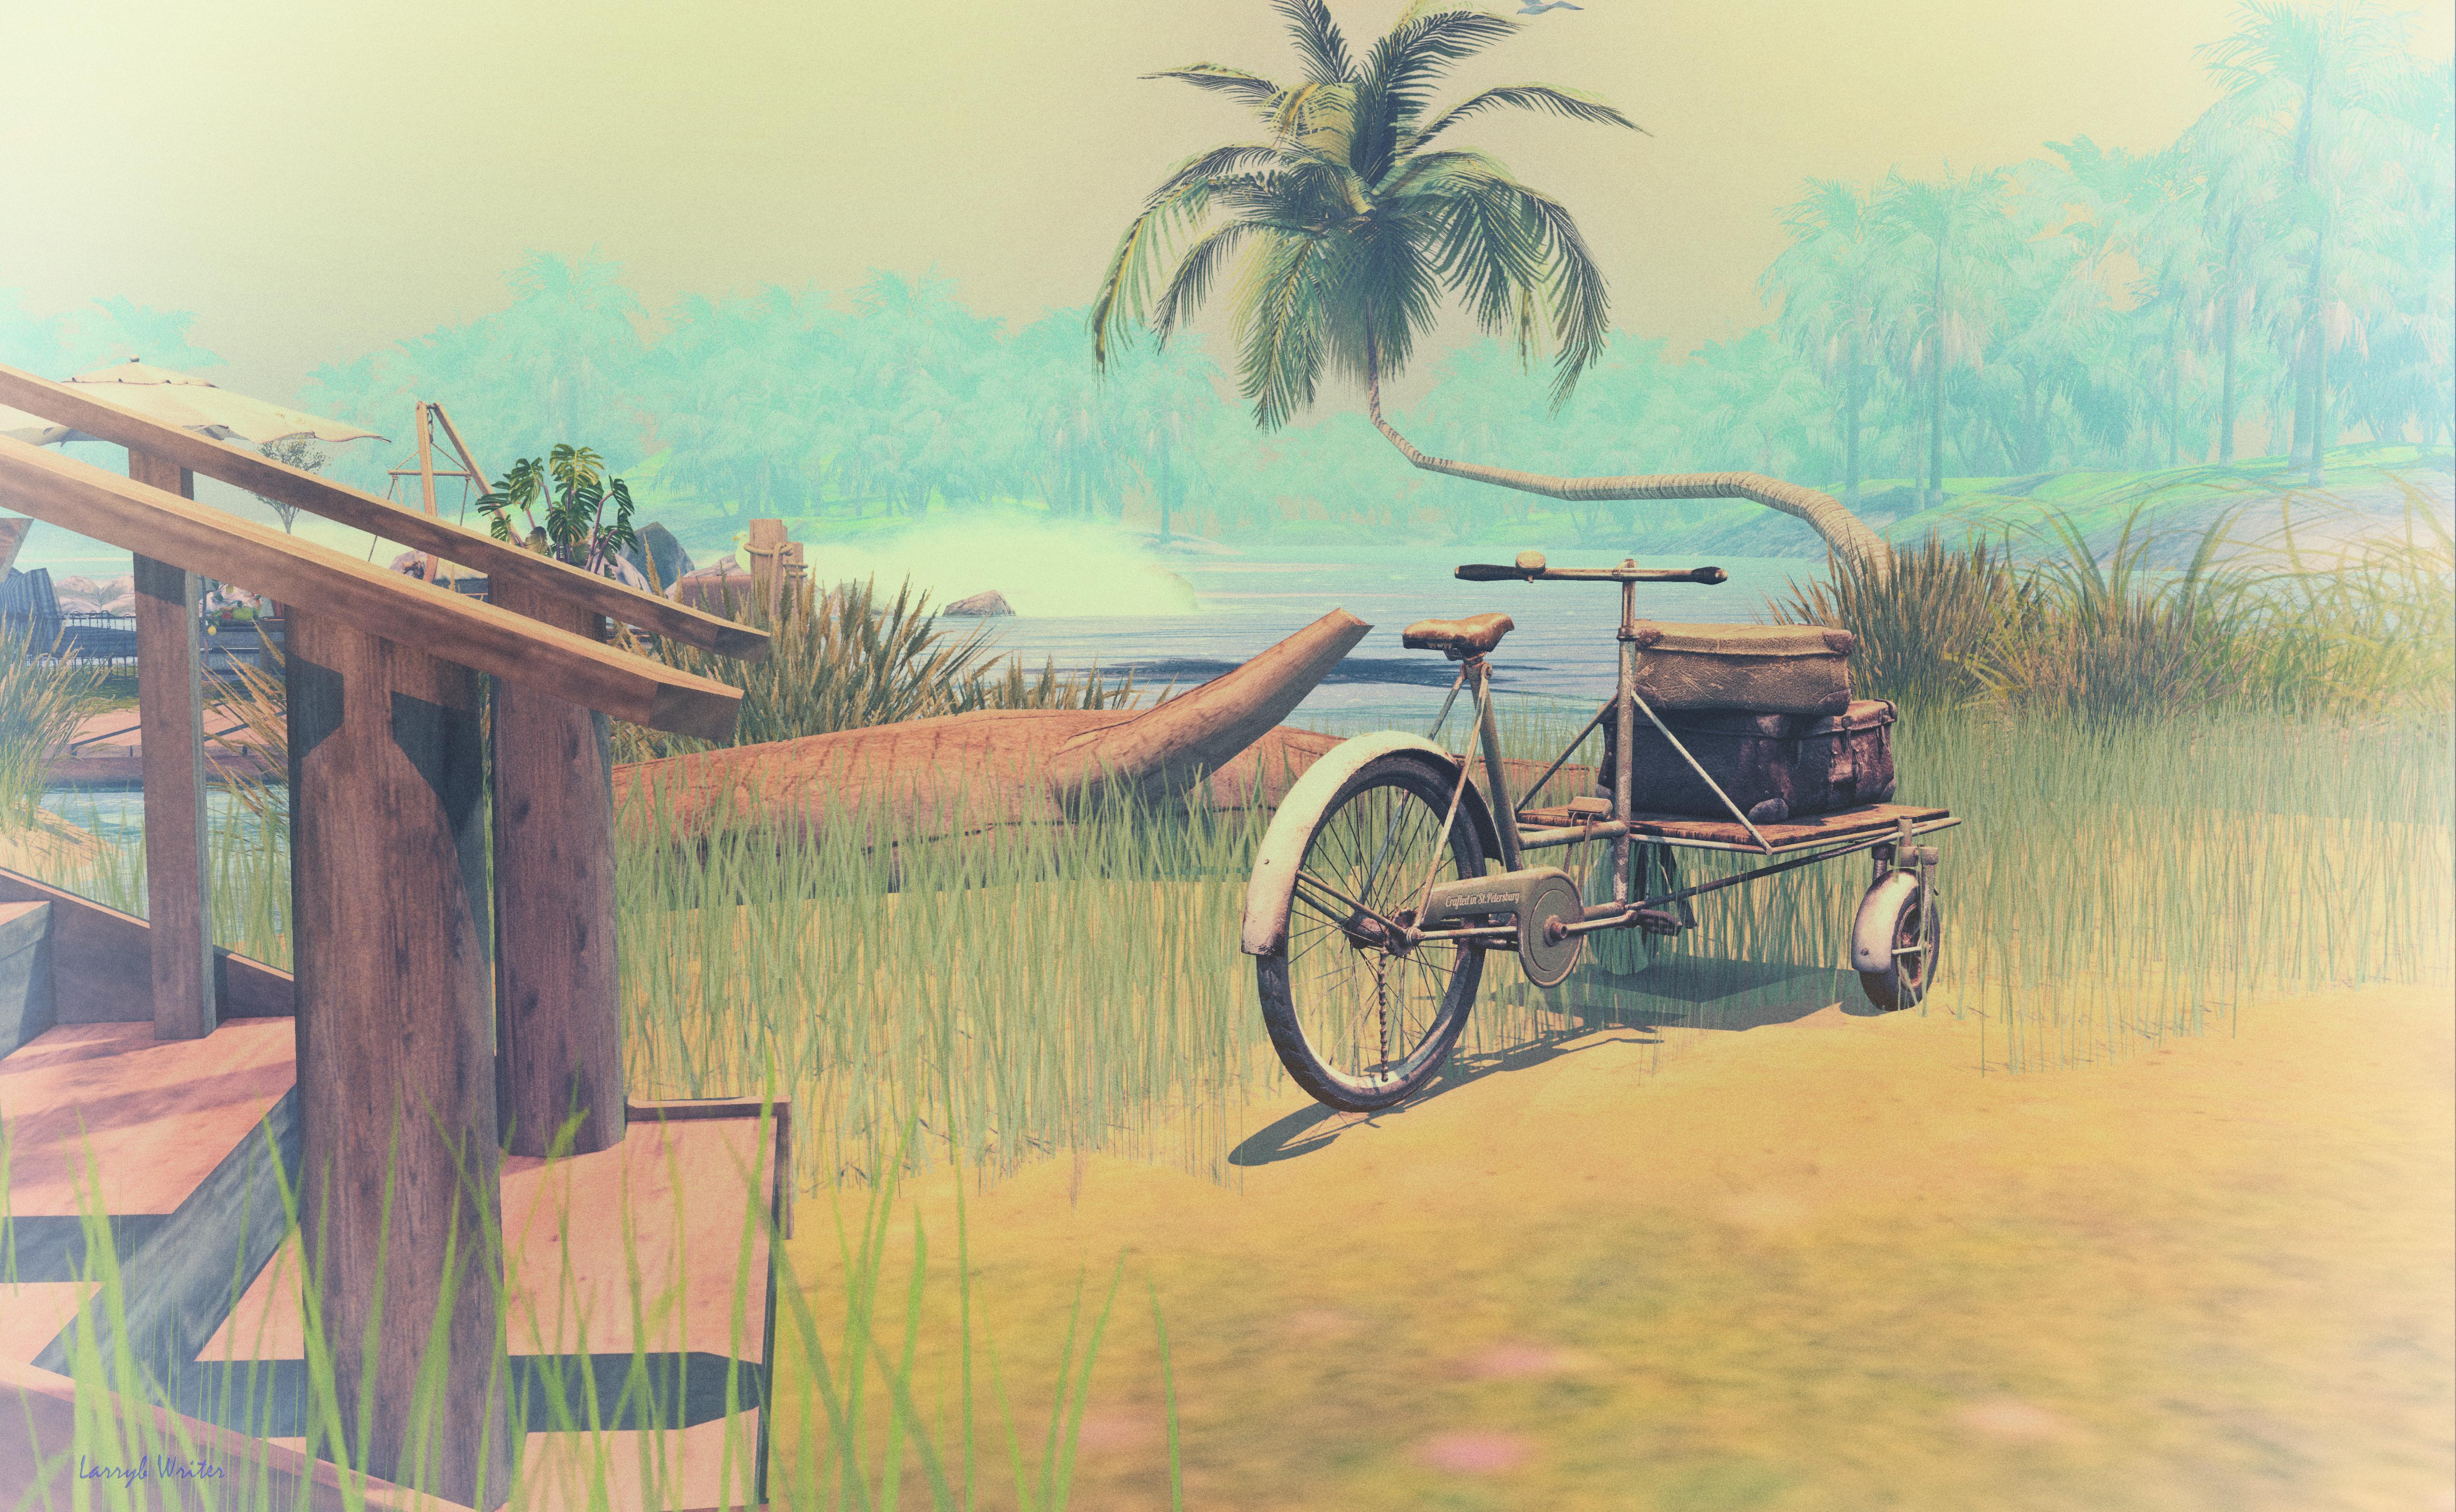 74069 Hintergrundbild herunterladen Grass, Kunst, Strand, Palme, Palm, Fahrrad, Rad, Lagune - Bildschirmschoner und Bilder kostenlos